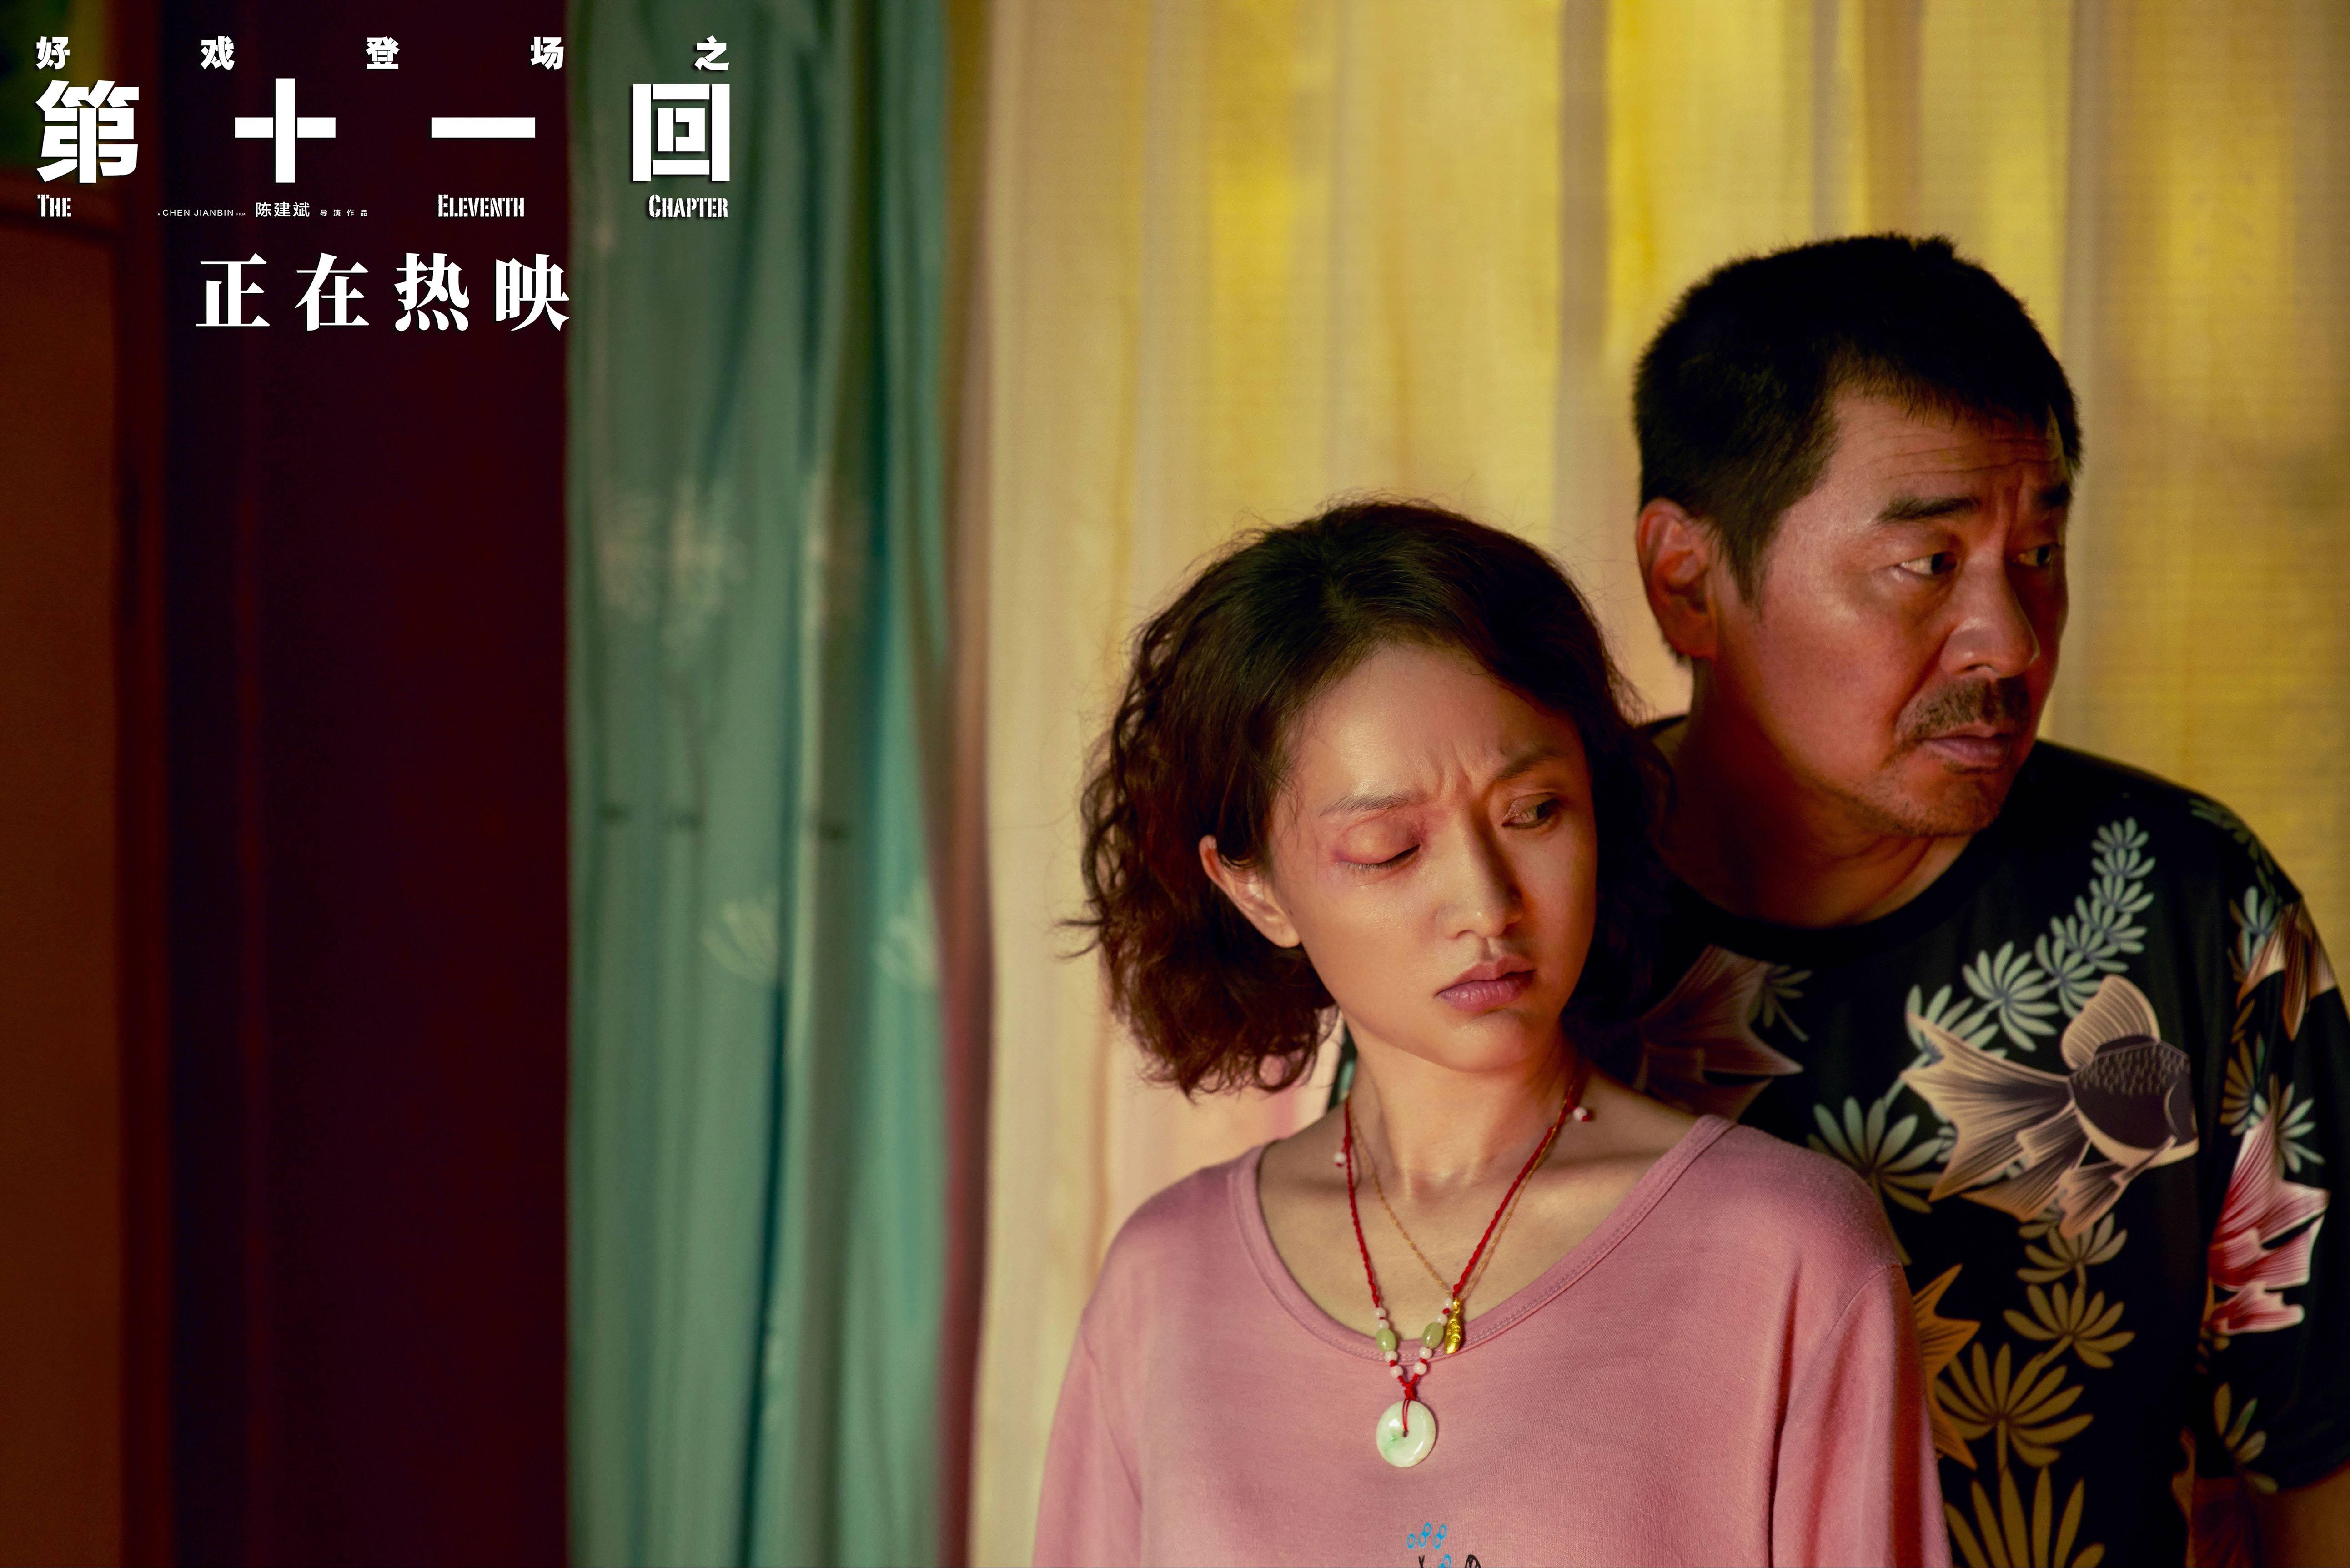 金财铃(左,周迅 饰)